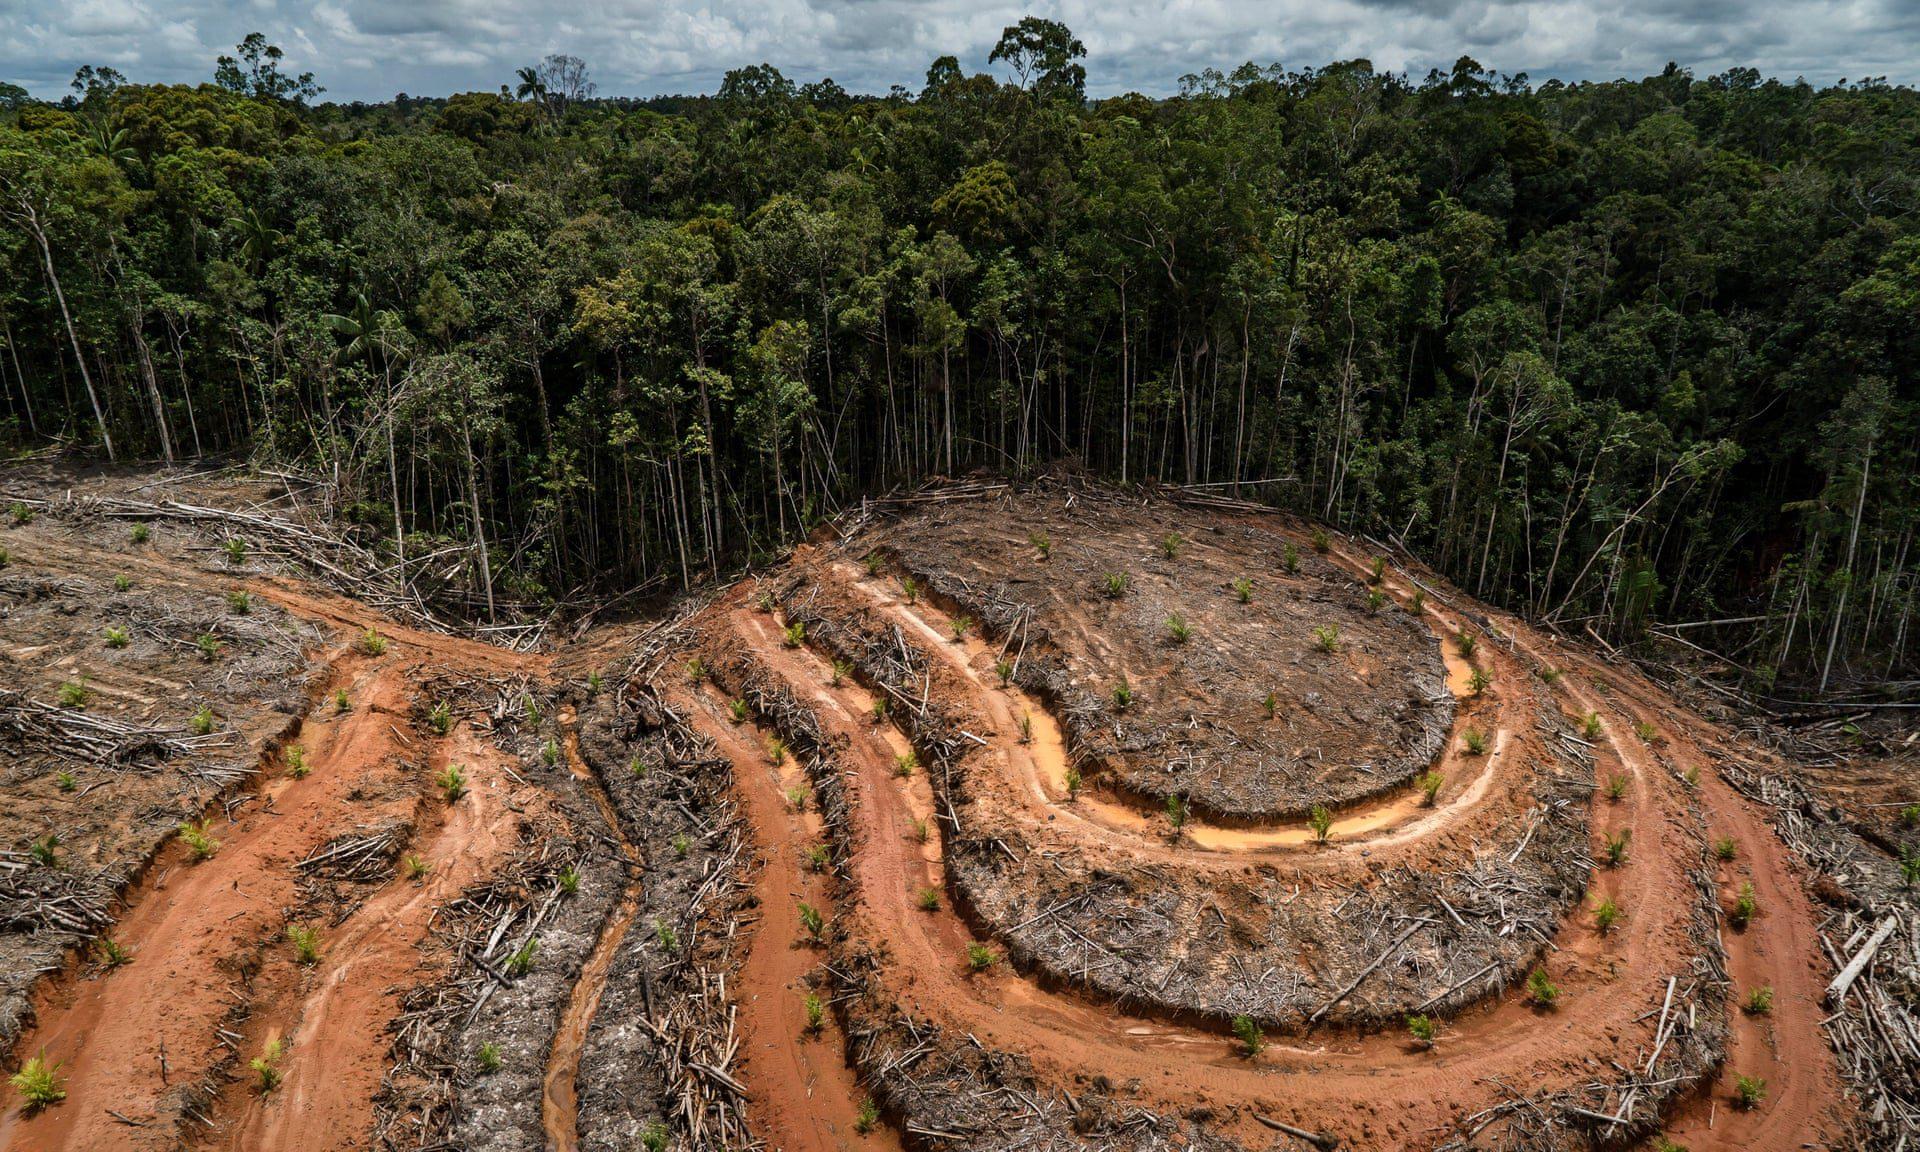 αποψίλωση των δασών